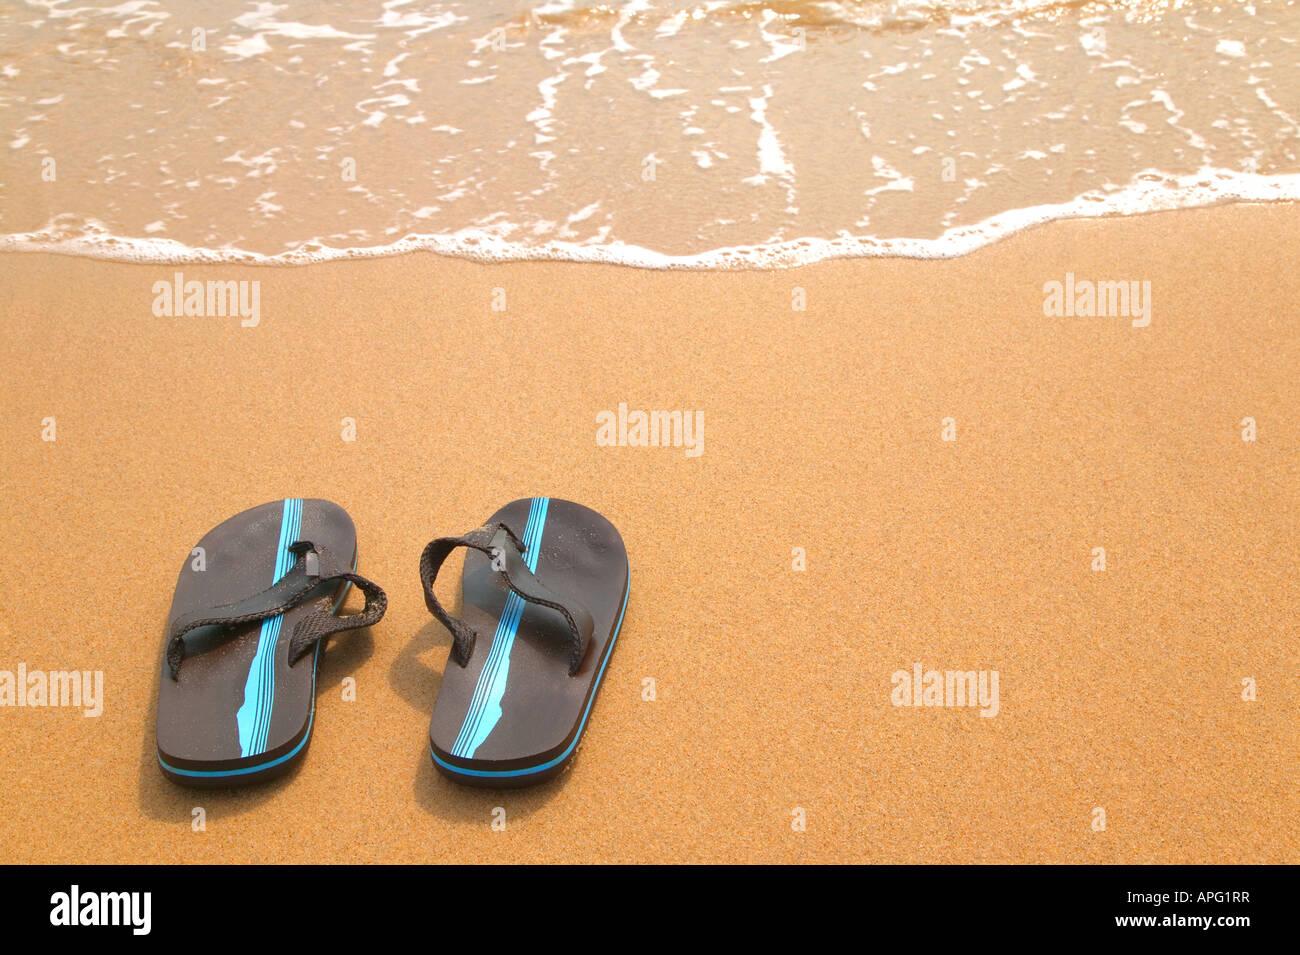 Una coppia di flip flop su una spiaggia di sabbia fine e dorata dal bordo delle acque Immagini Stock